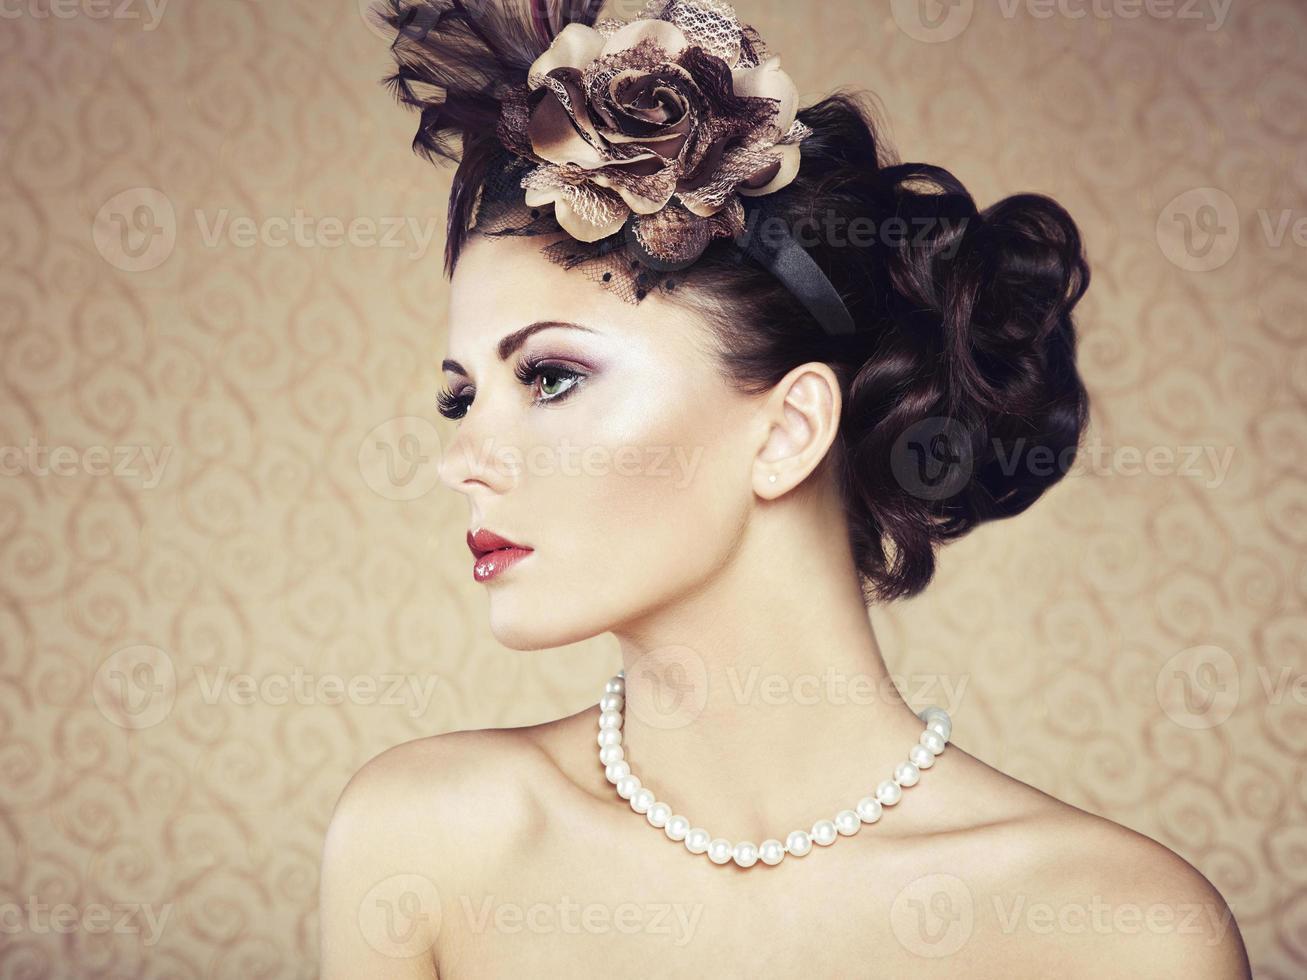 portrait rétro de la belle femme. style vintage photo